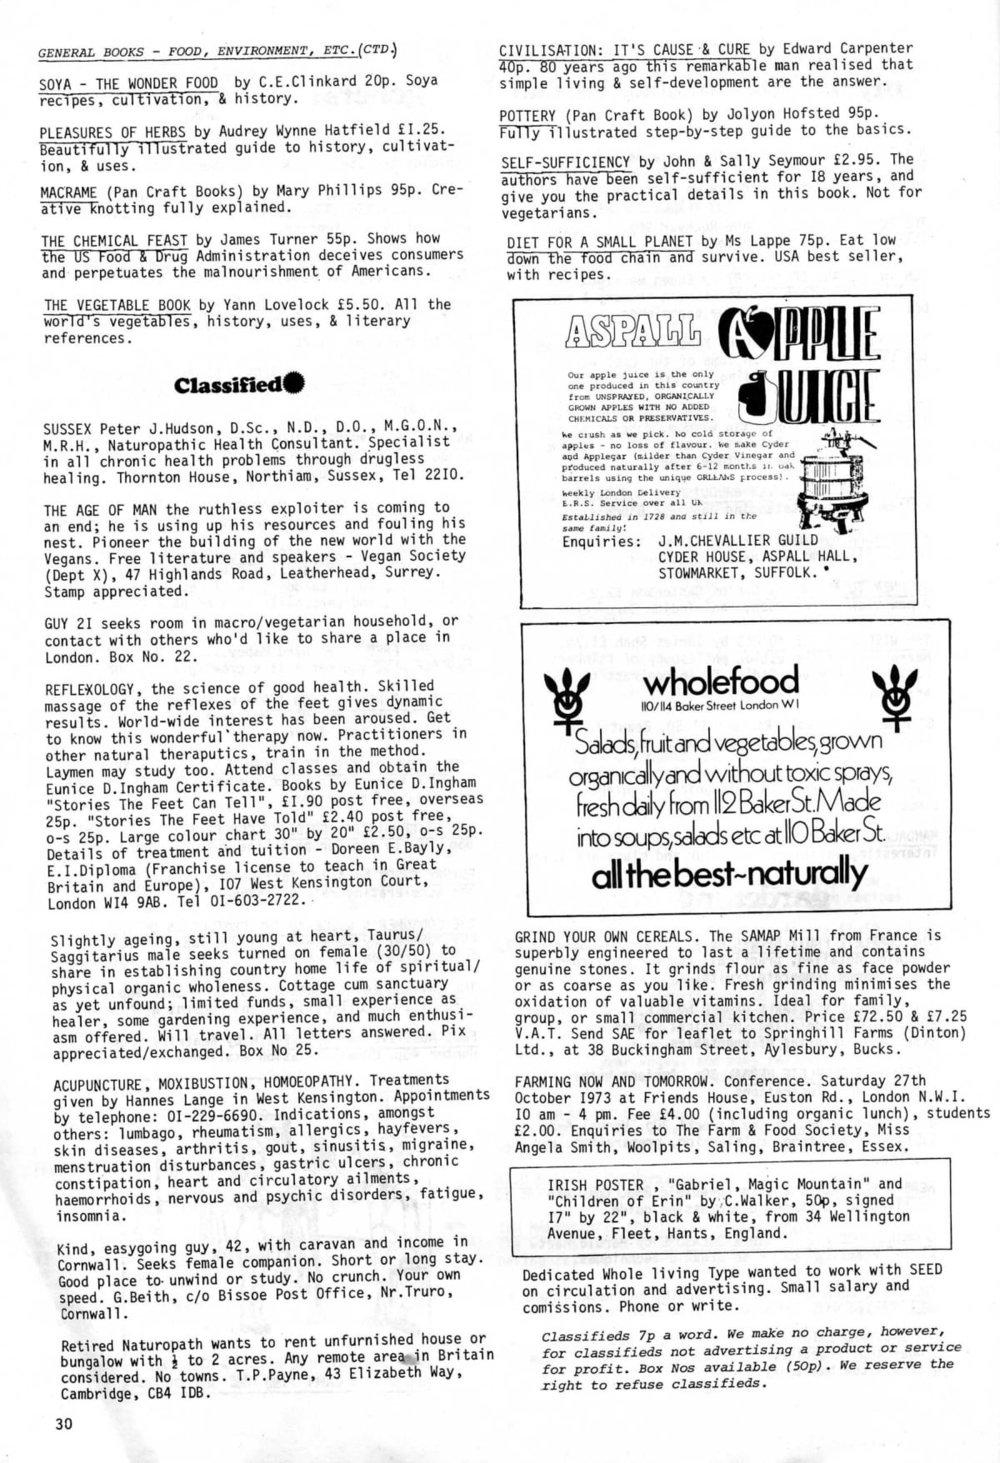 seed-v2-n8-aug1973-30.jpg